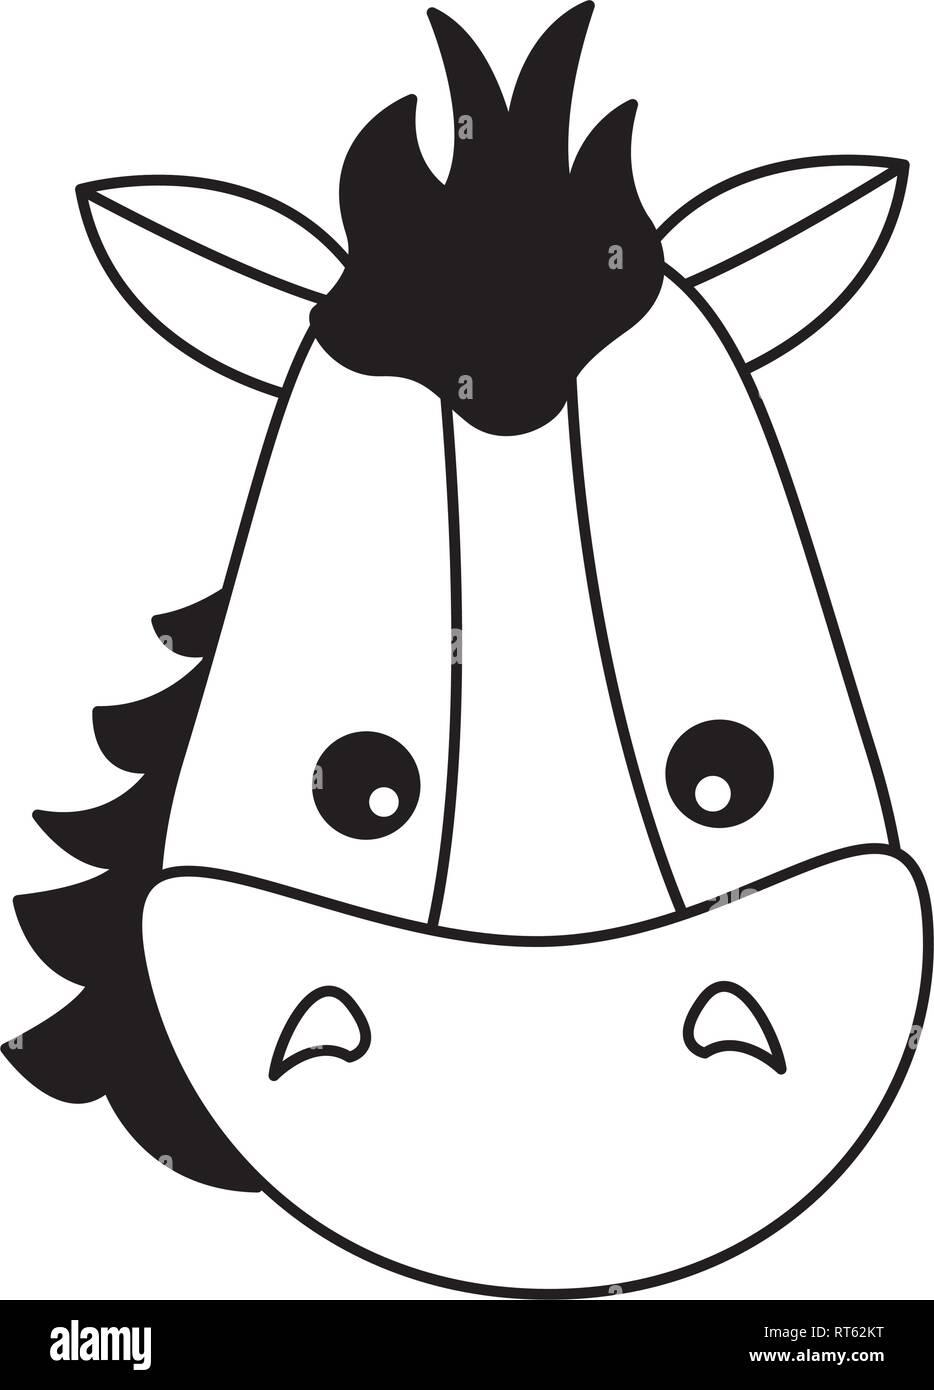 horse face animal - Stock Vector